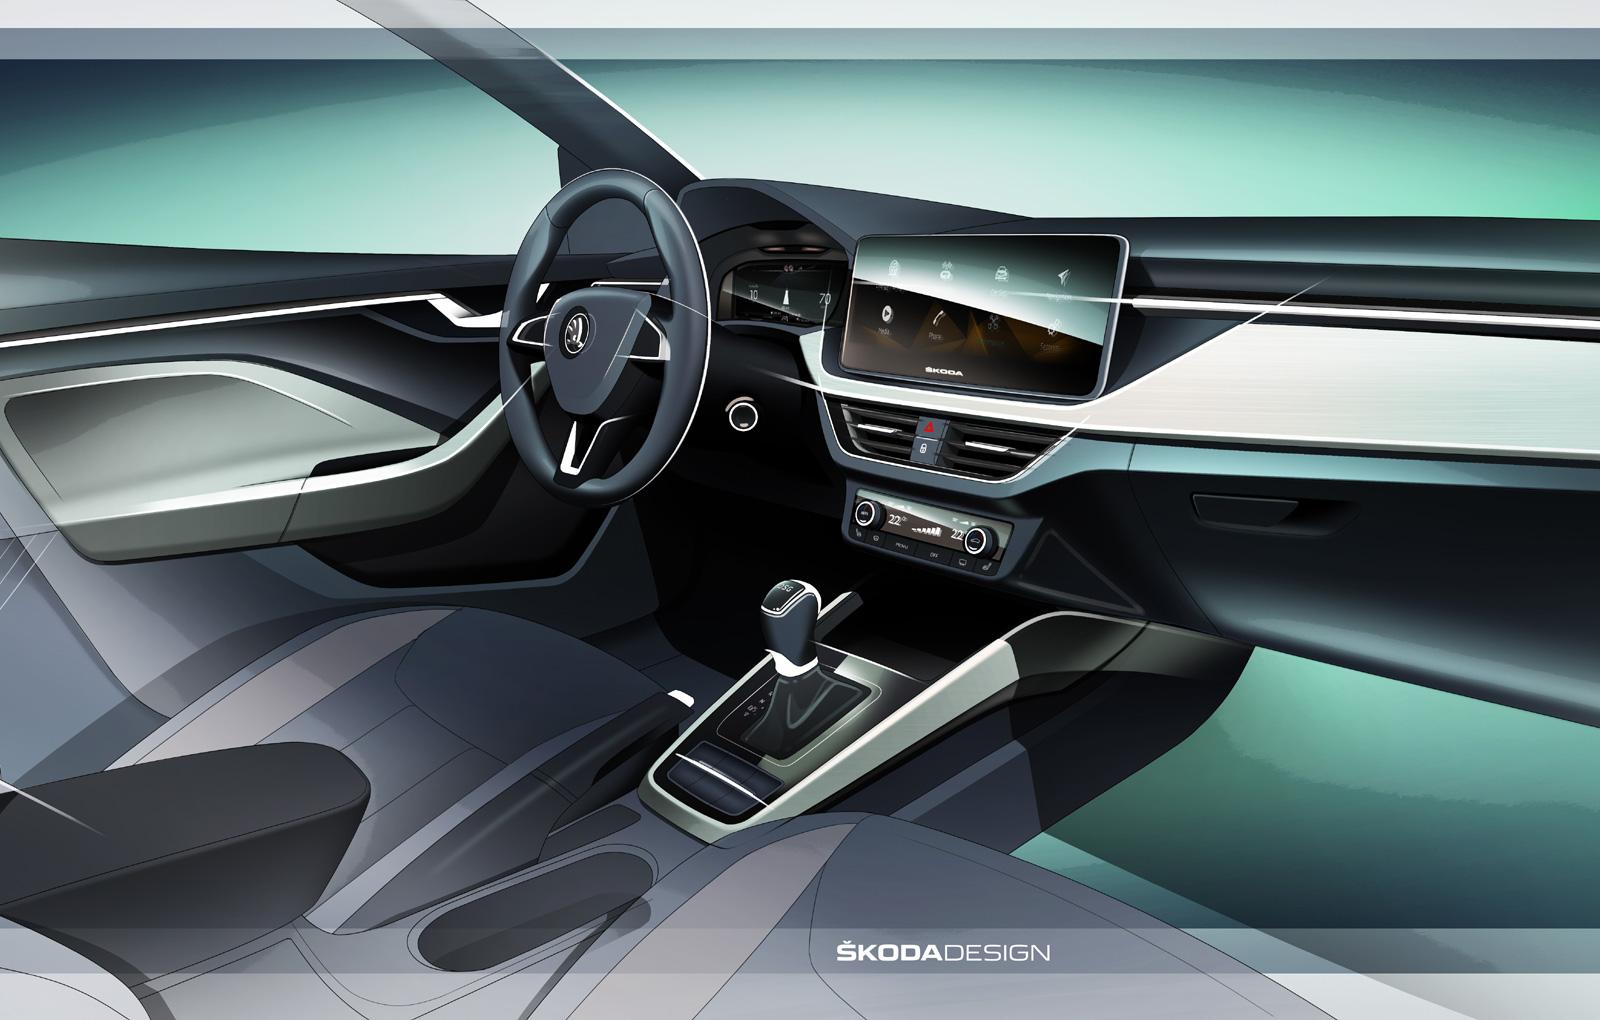 Skoda a publicat prima schita cu interiorul noului Scala. Hatchback-ul este un rival pentru Golf